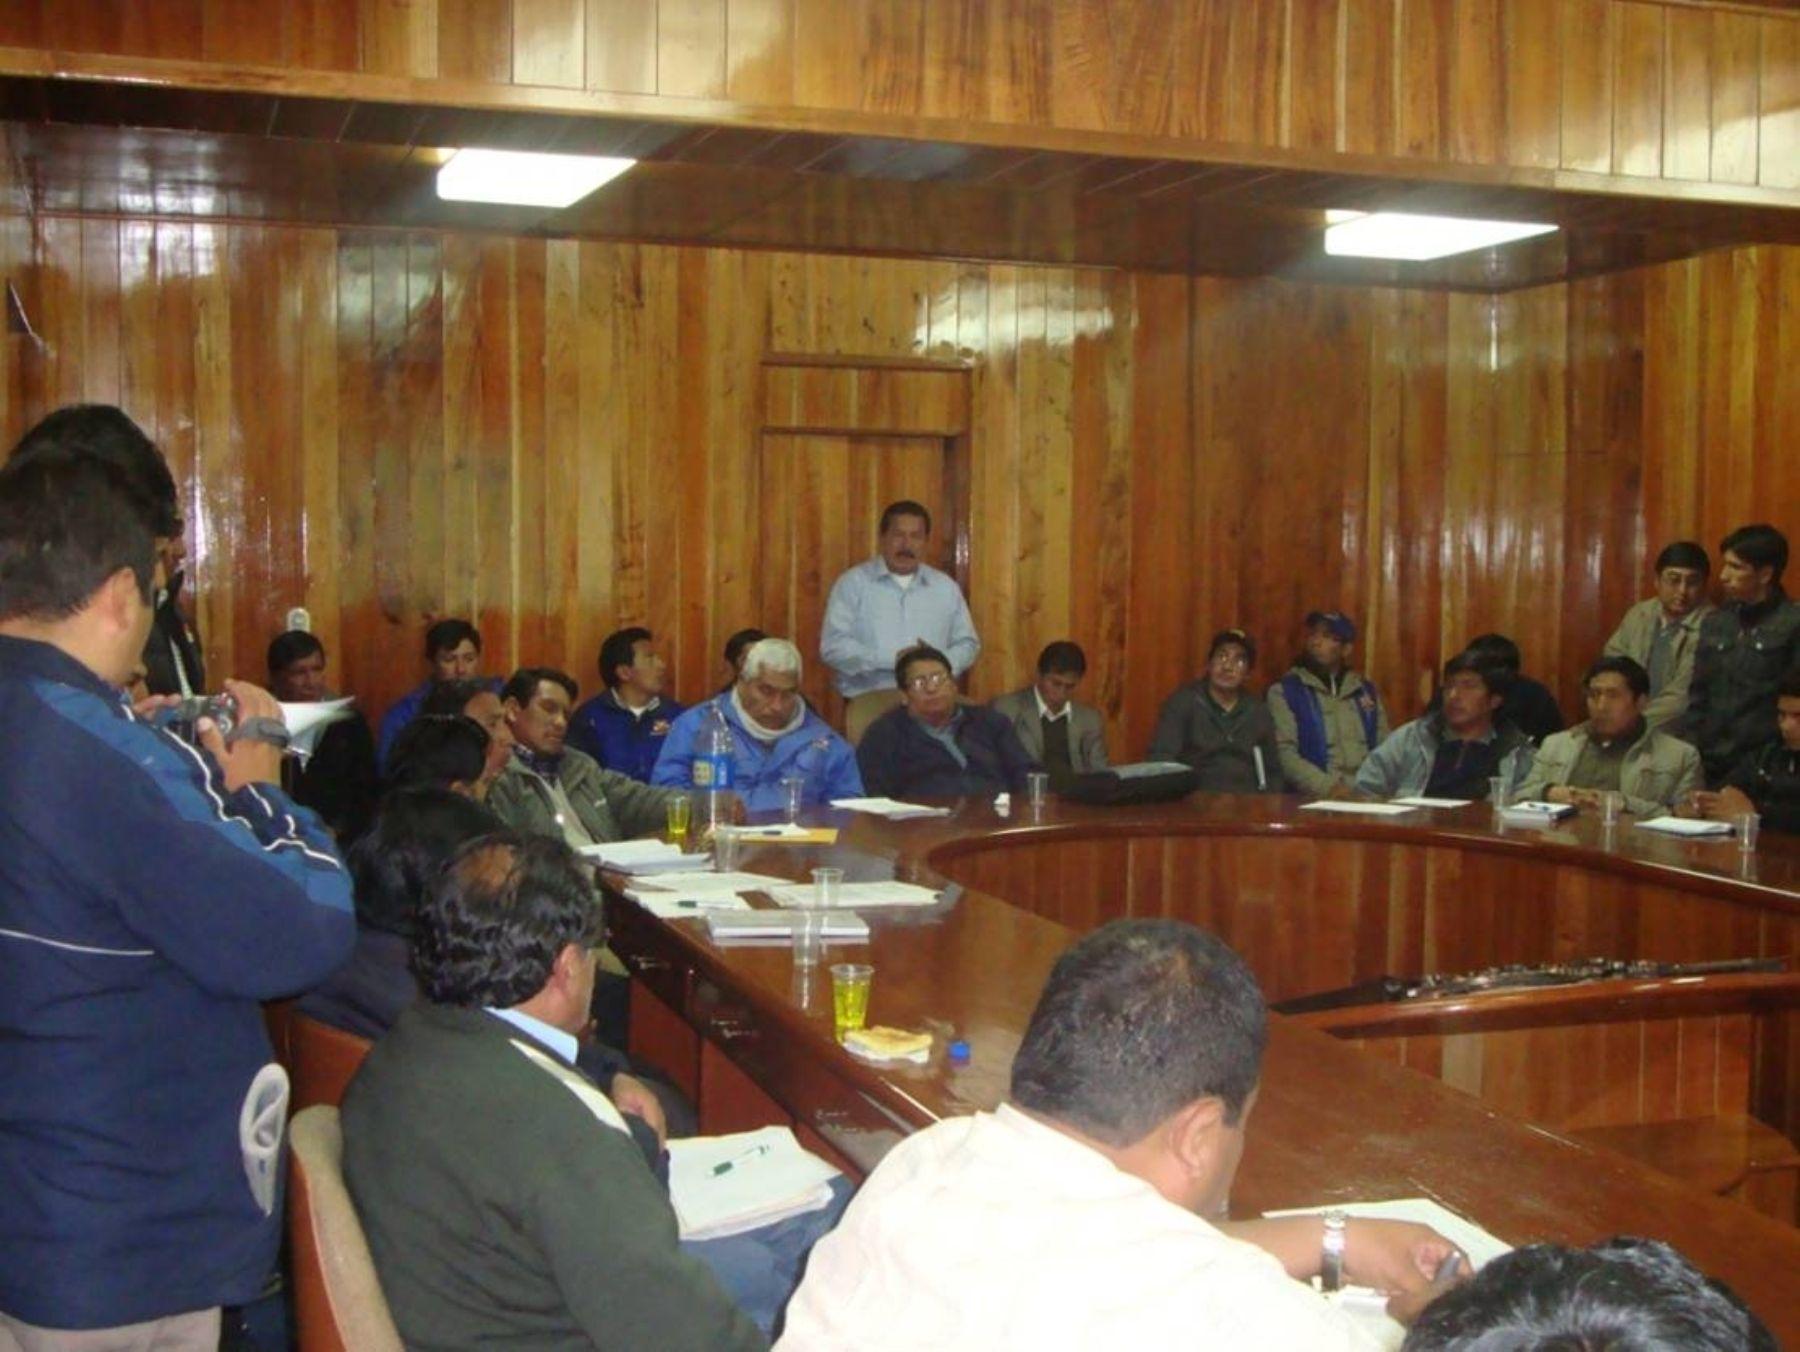 Representantes del Minag con funcionarios de gobiernos locales y regional de Puno.